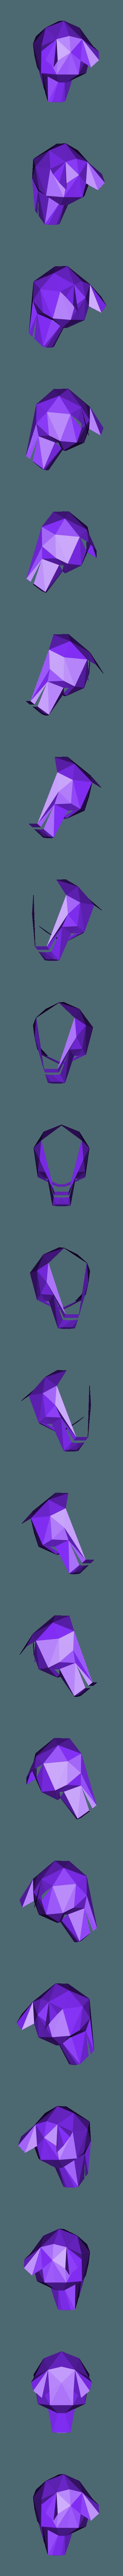 wolf_paper_mask.stl Télécharger fichier STL gratuit Masque en papier loup Low poly • Design imprimable en 3D, dasaki